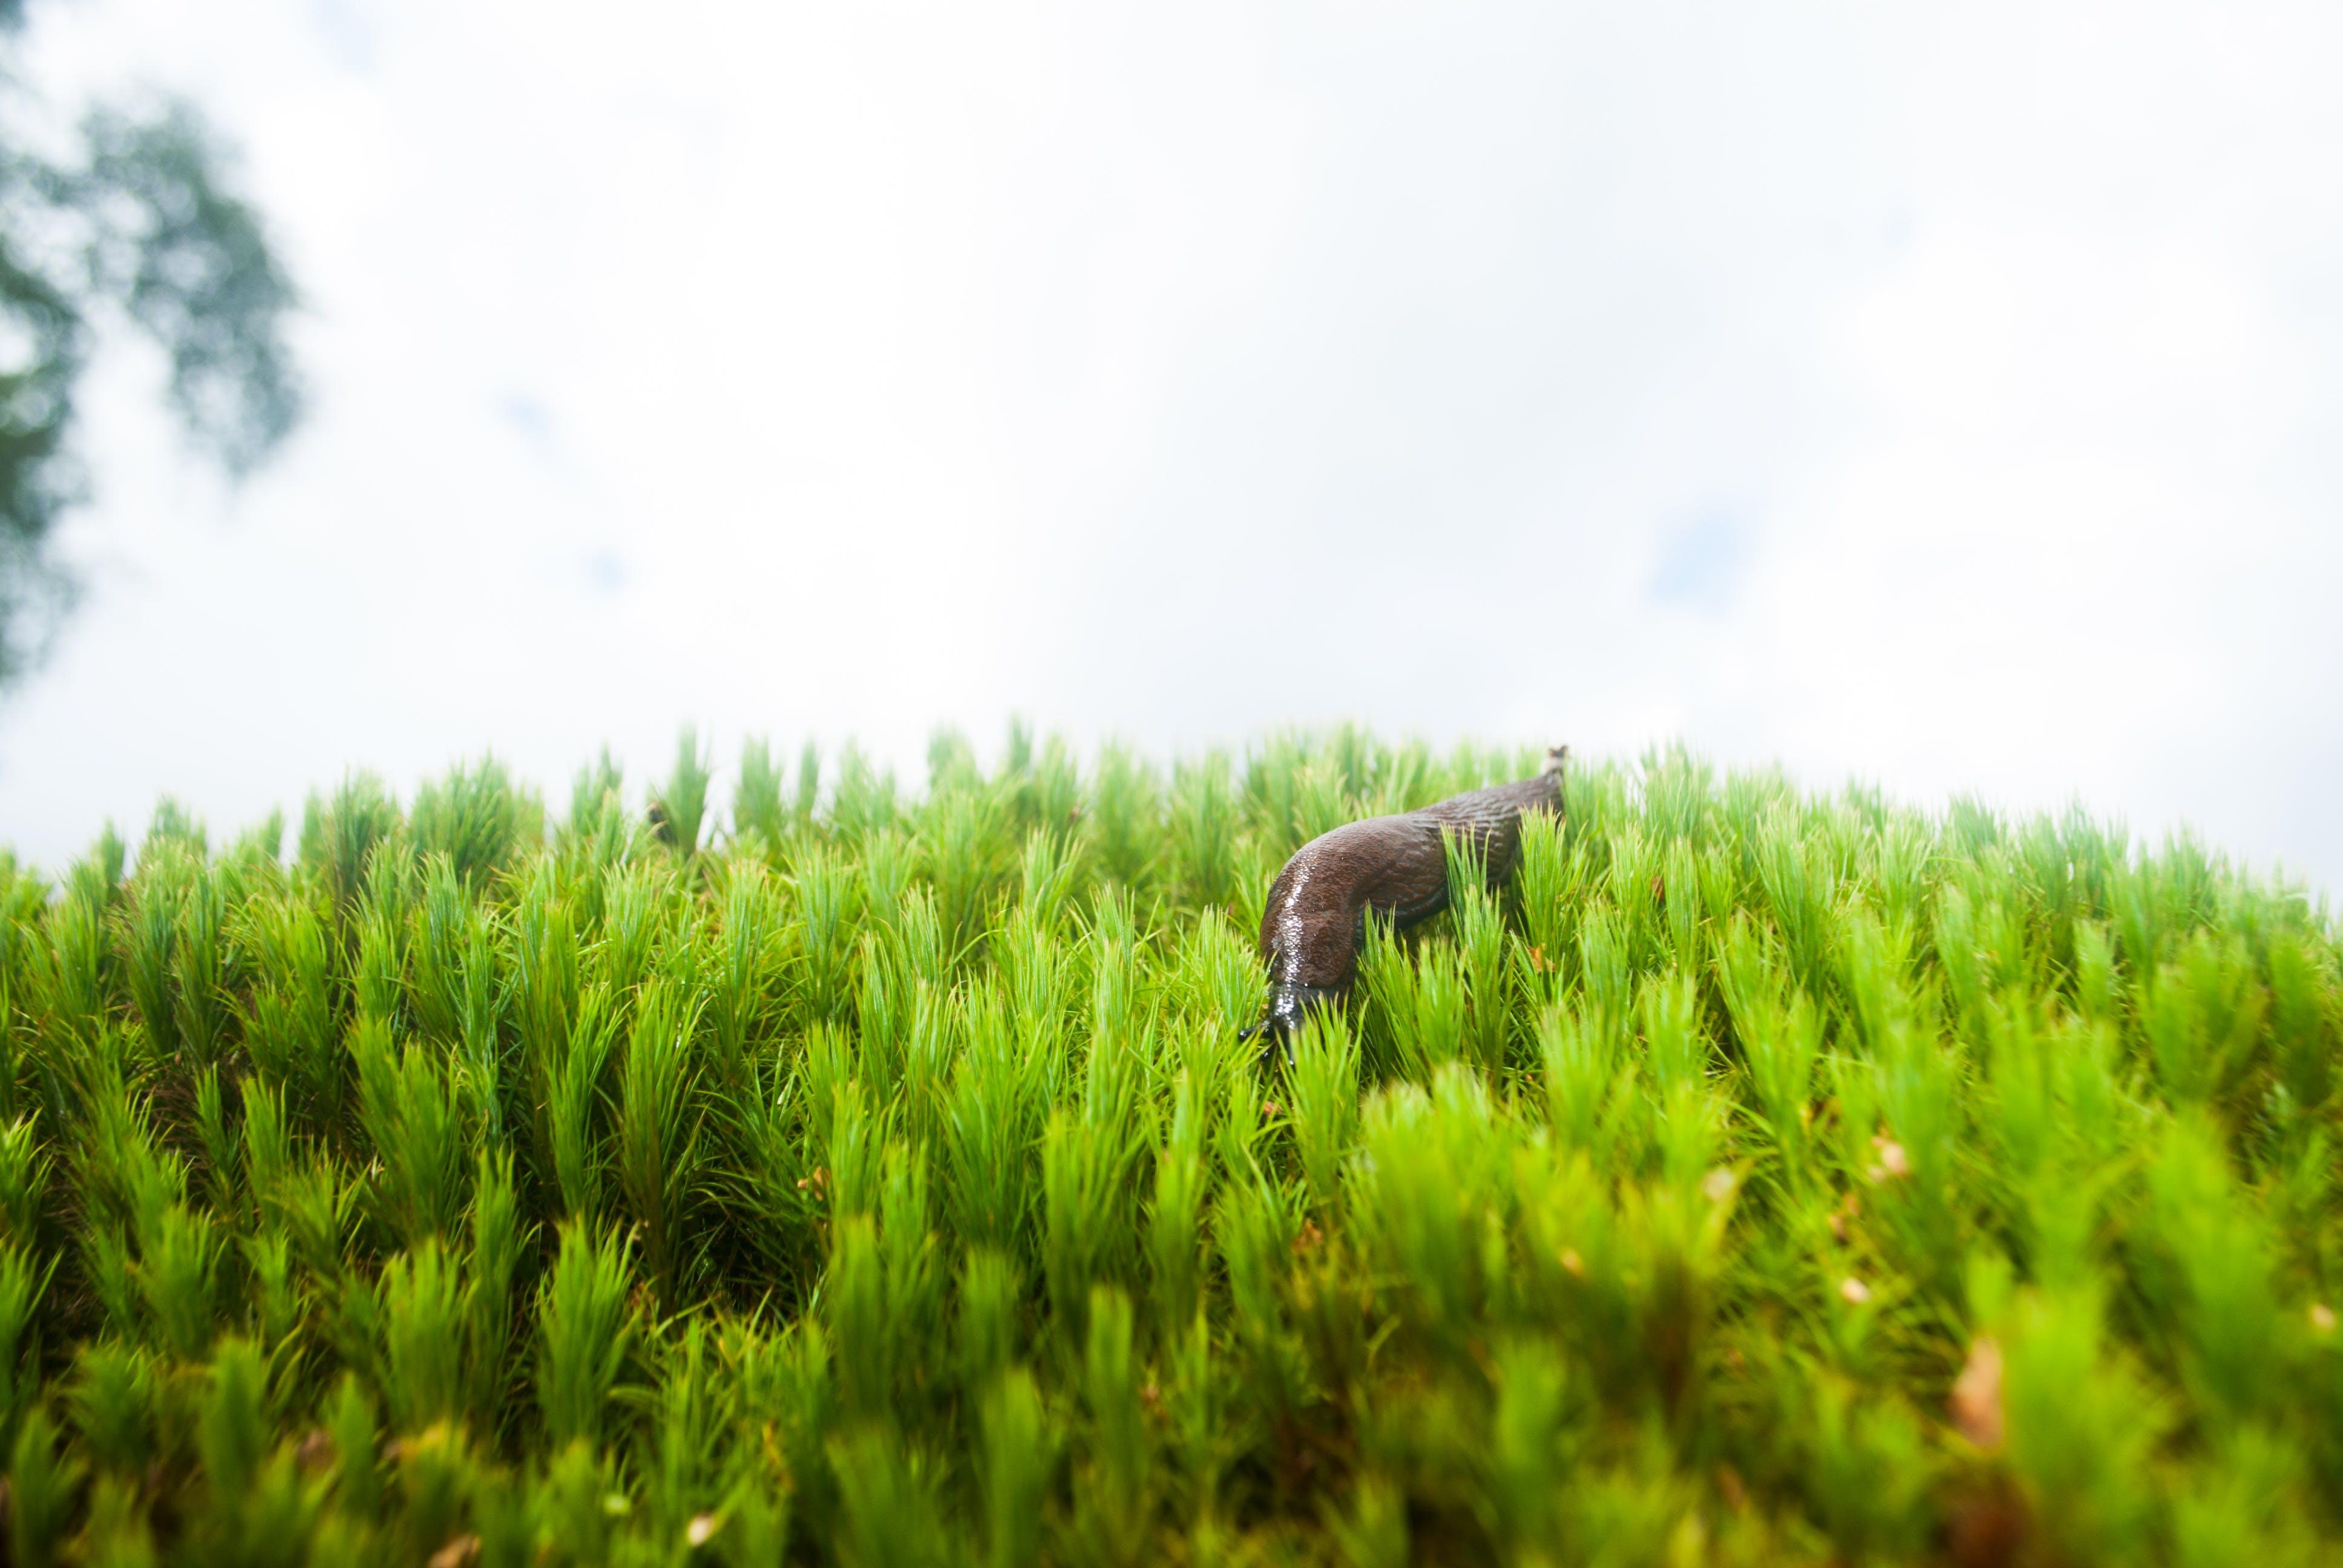 Gratis lagerfoto af græs, snegl